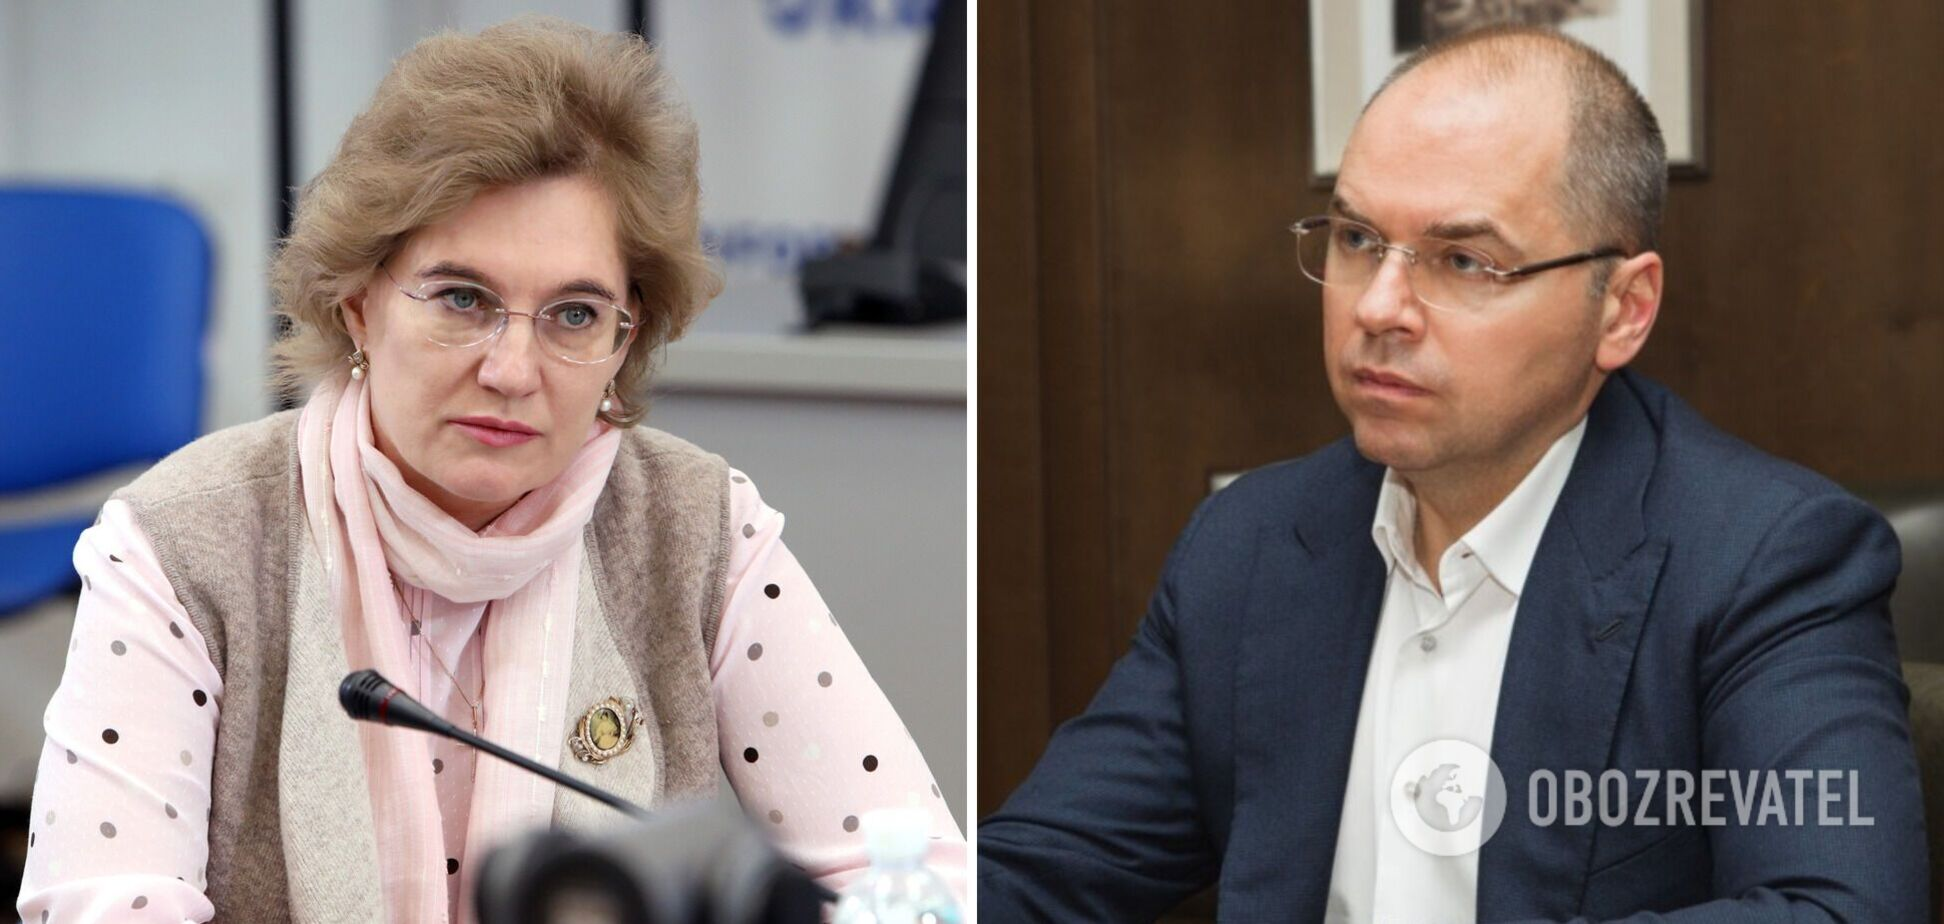 Голубовская – об увольнении монобольшинством Степанова: эти 'істоти' будут в ответственности за все происходящее далее